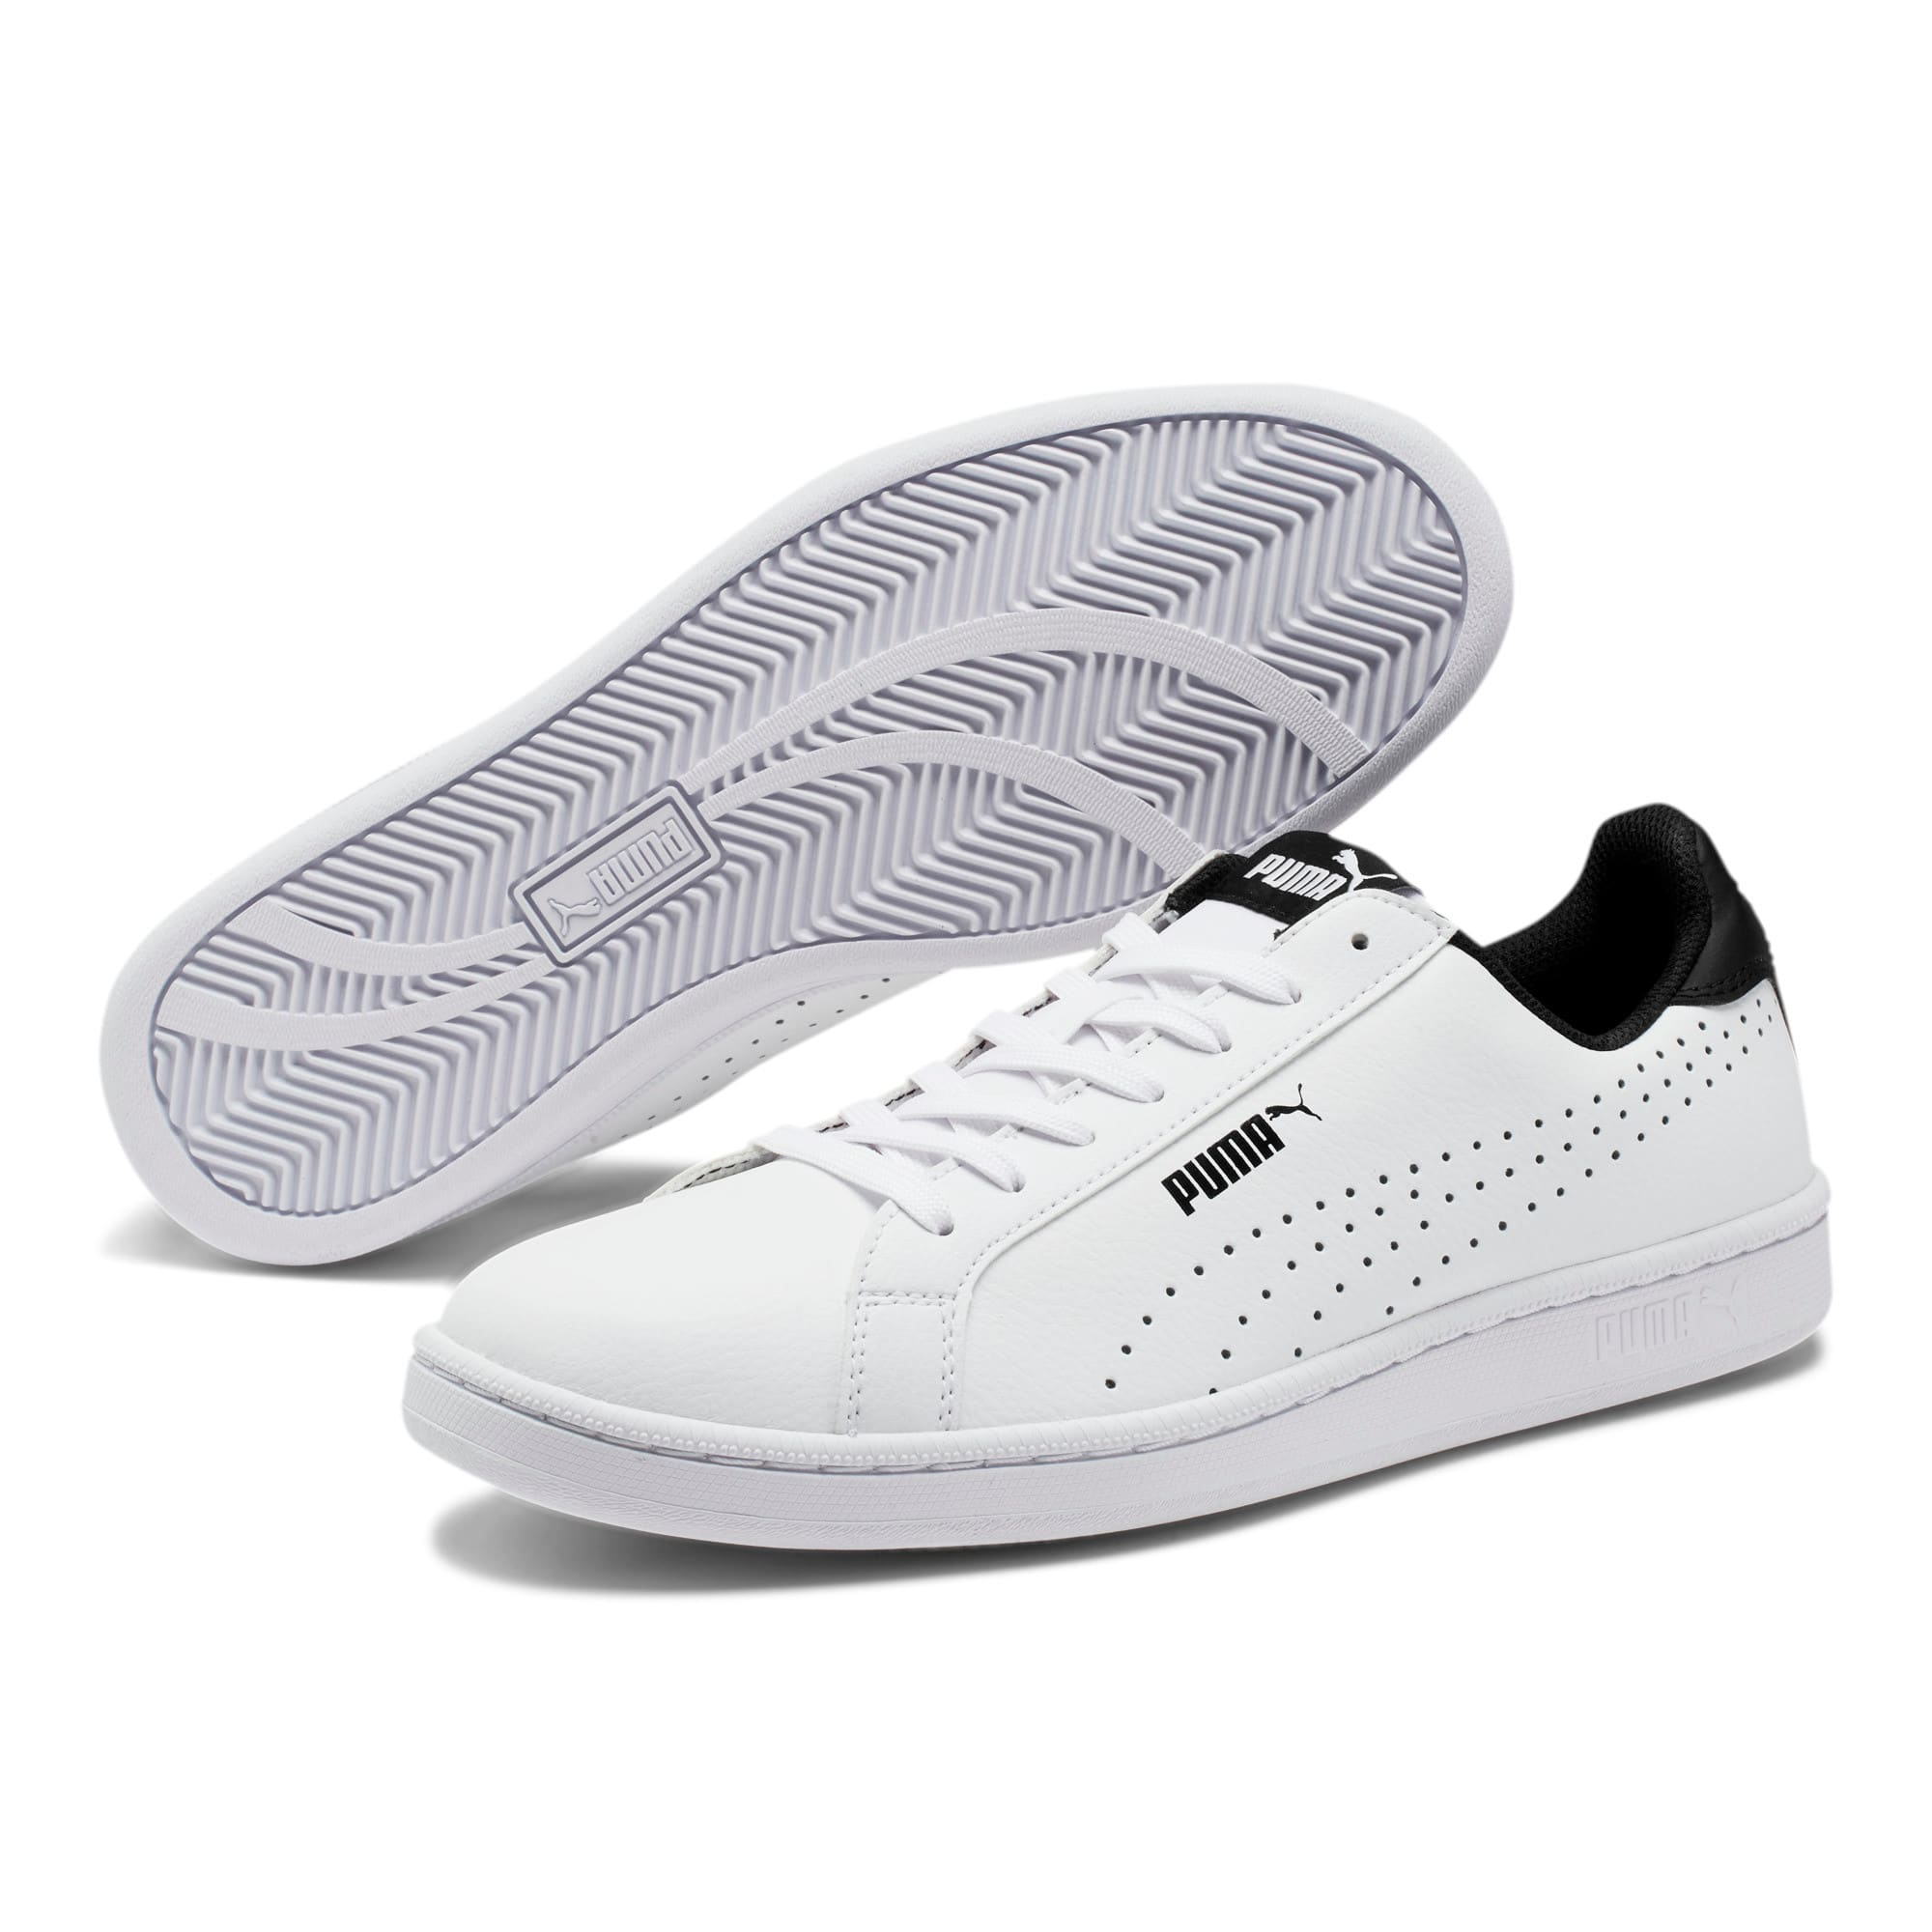 Thumbnail 2 of PUMA Smash Perf Sneakers, Puma White-Puma Black, medium